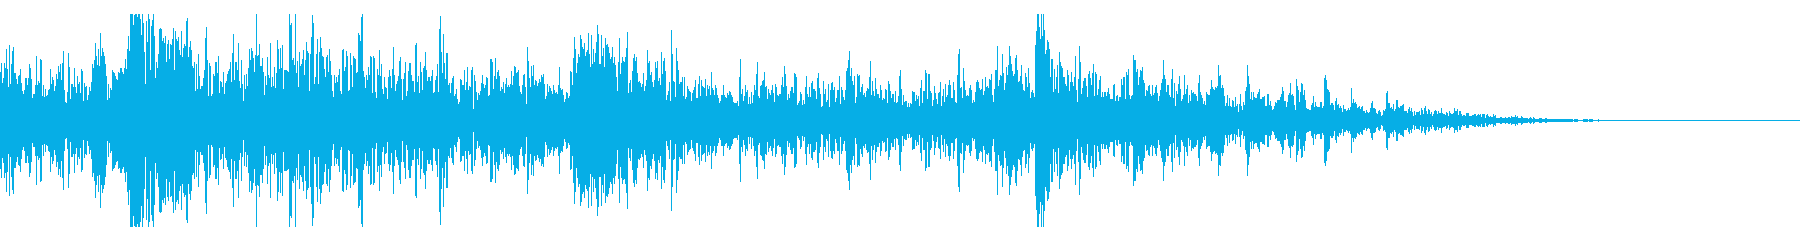 ドンパァ!花火の本当にリアルな効果音13の再生済みの波形